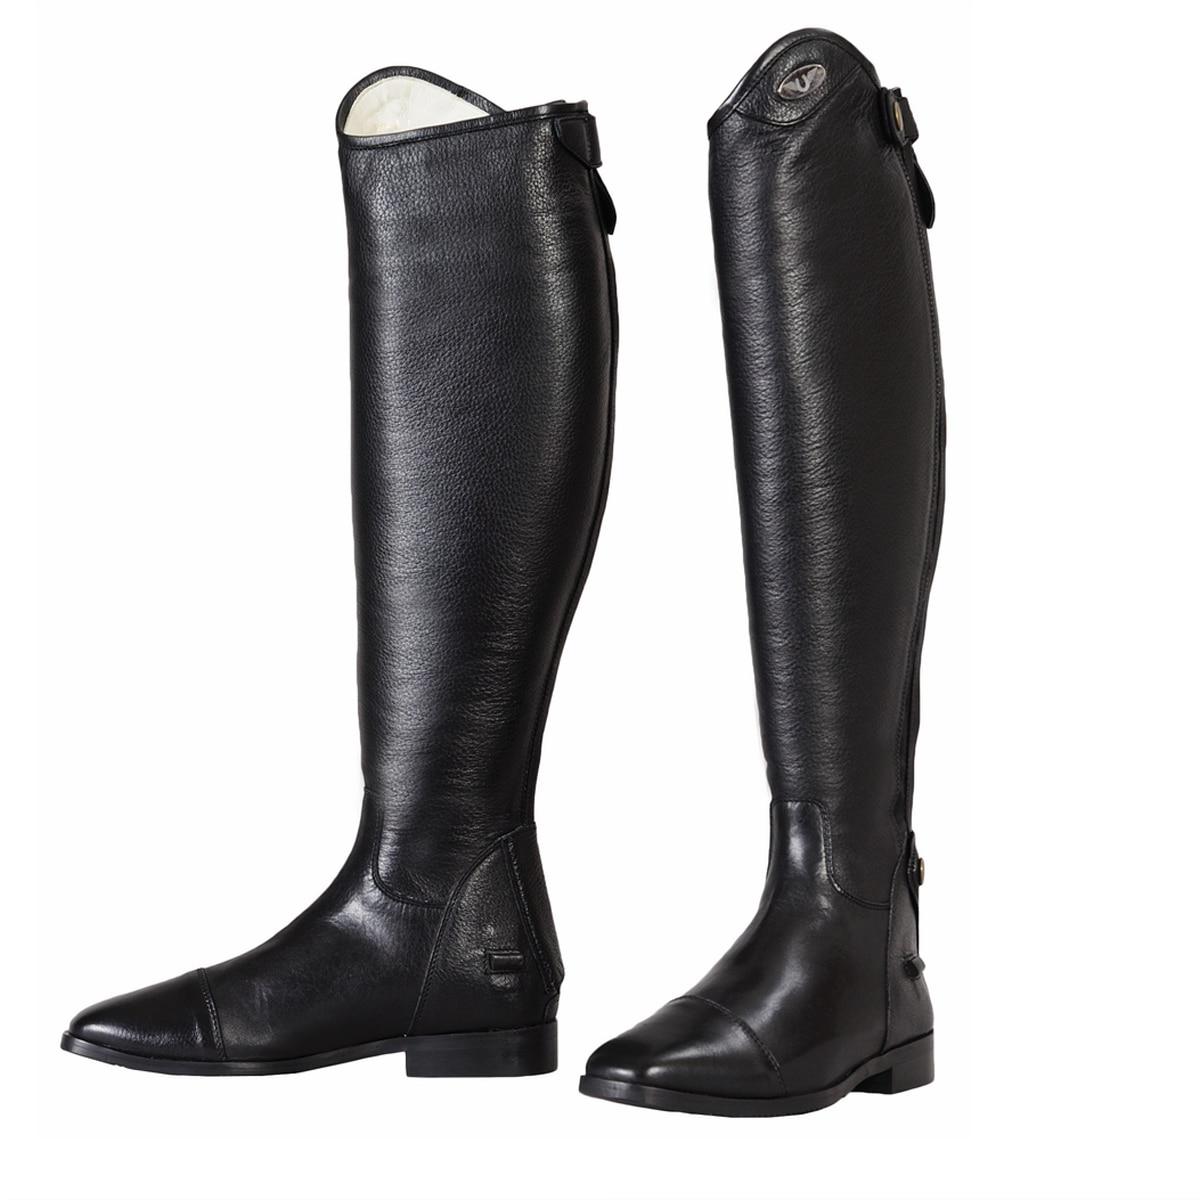 603ca79715e TuffRider Ladies Wellesley X-Tall Dress Boots